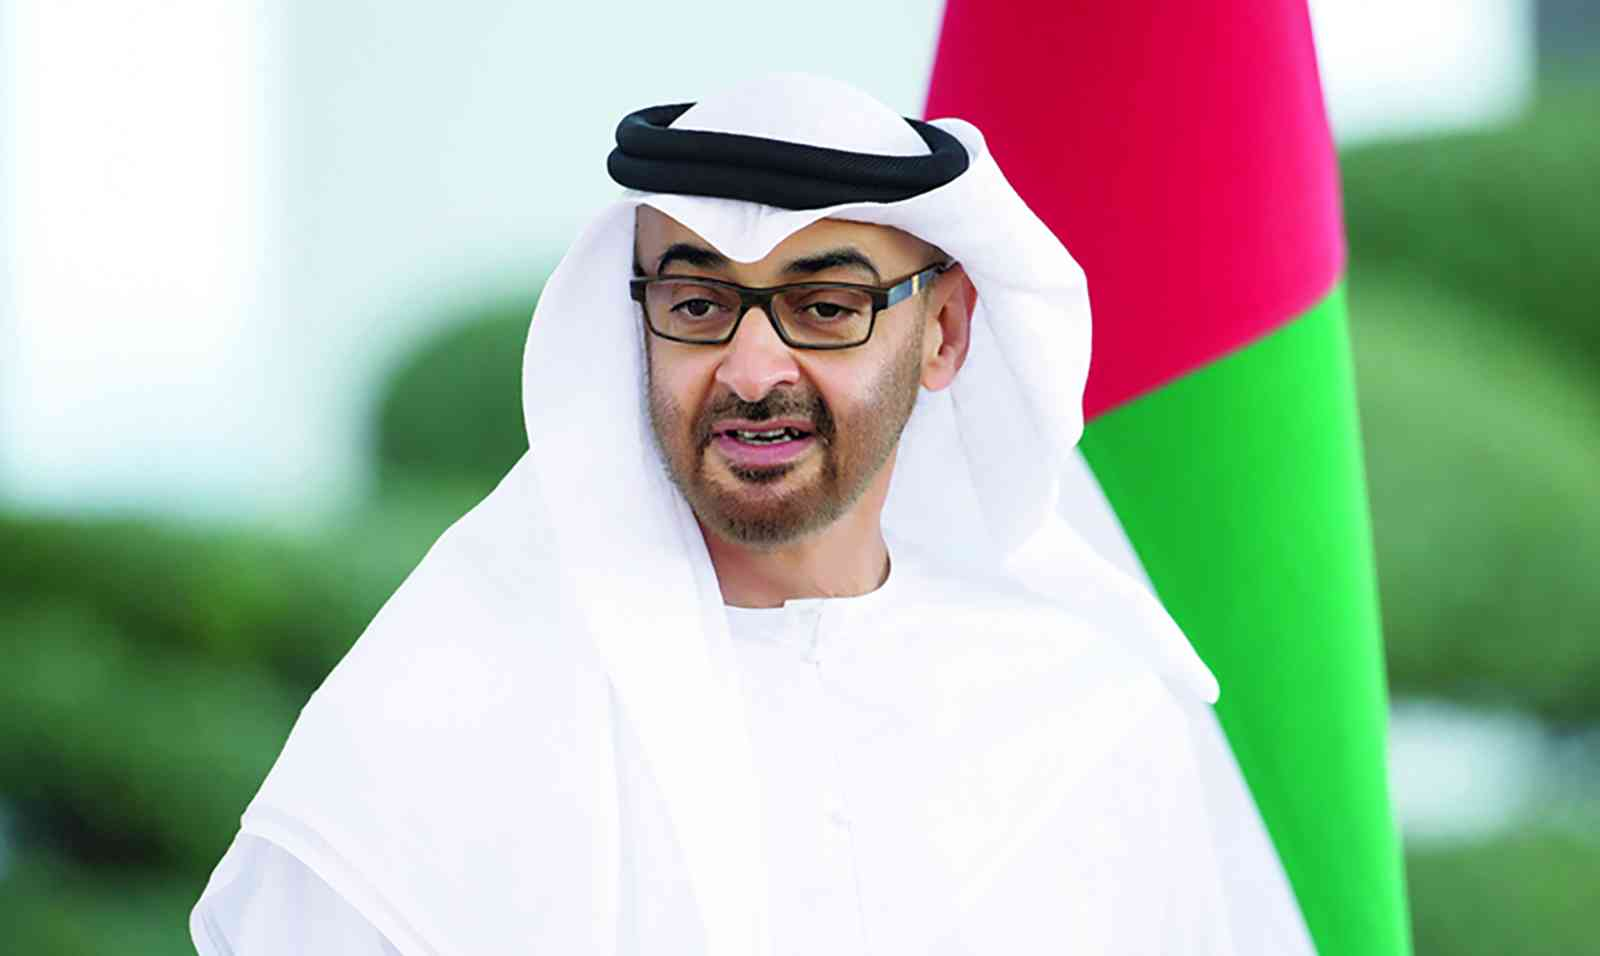 محمد بن زايد يبحث مع مستشار الأمن القومي الأمريكي العلاقات الثنائية وقضايا المنطقة